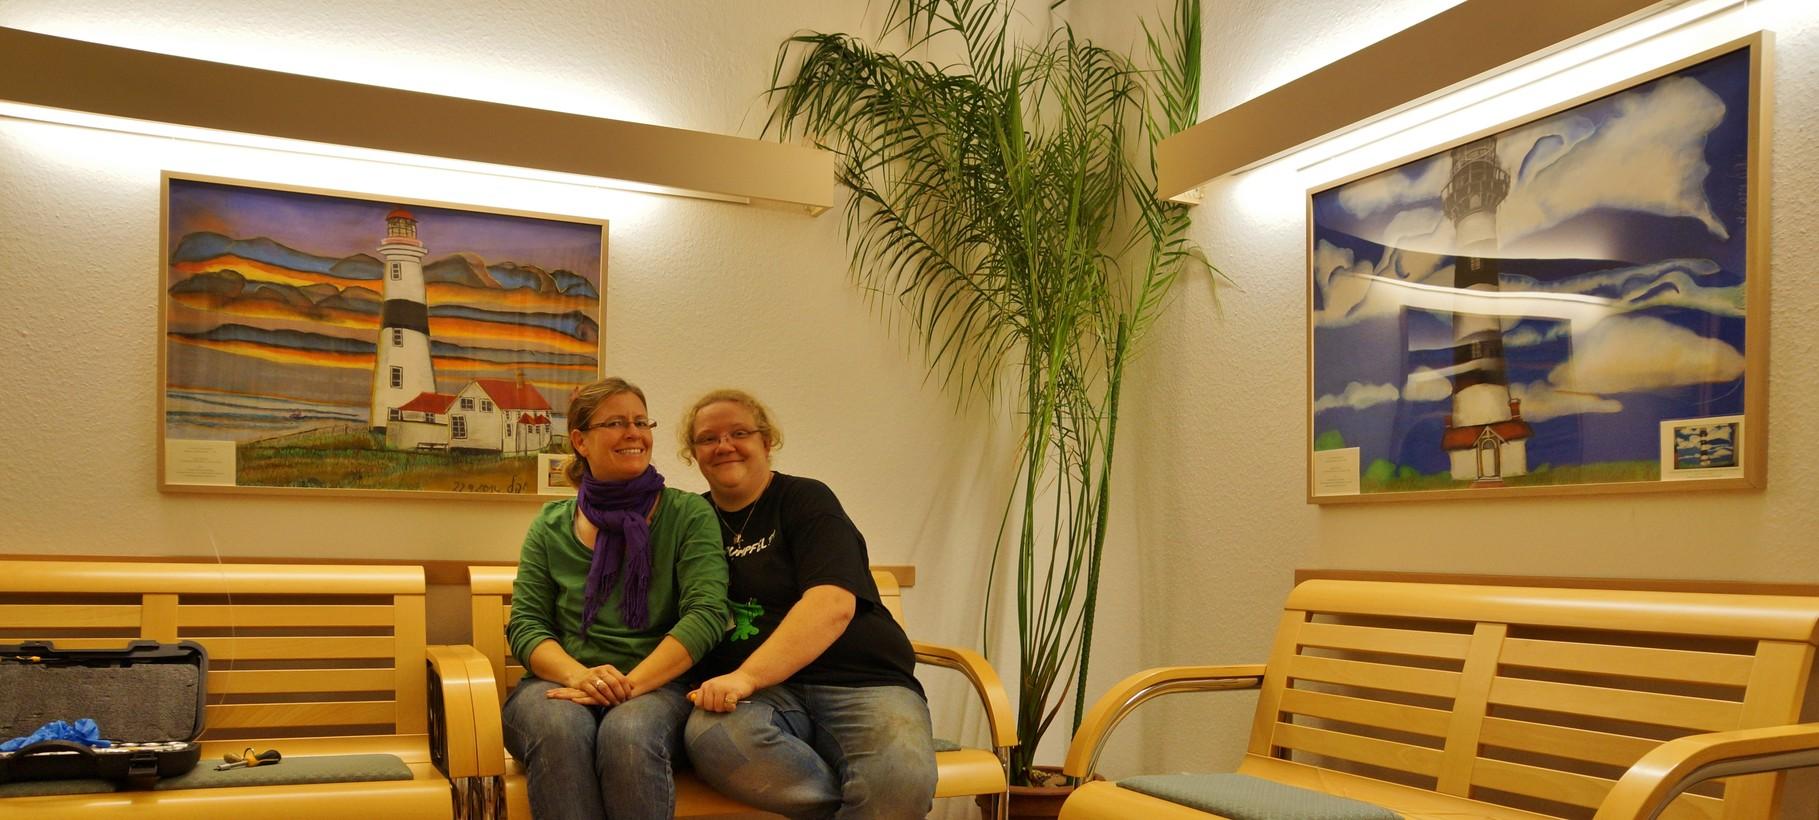 Yahel mit ihrer Frau Kaddi vor den neuen Bildern